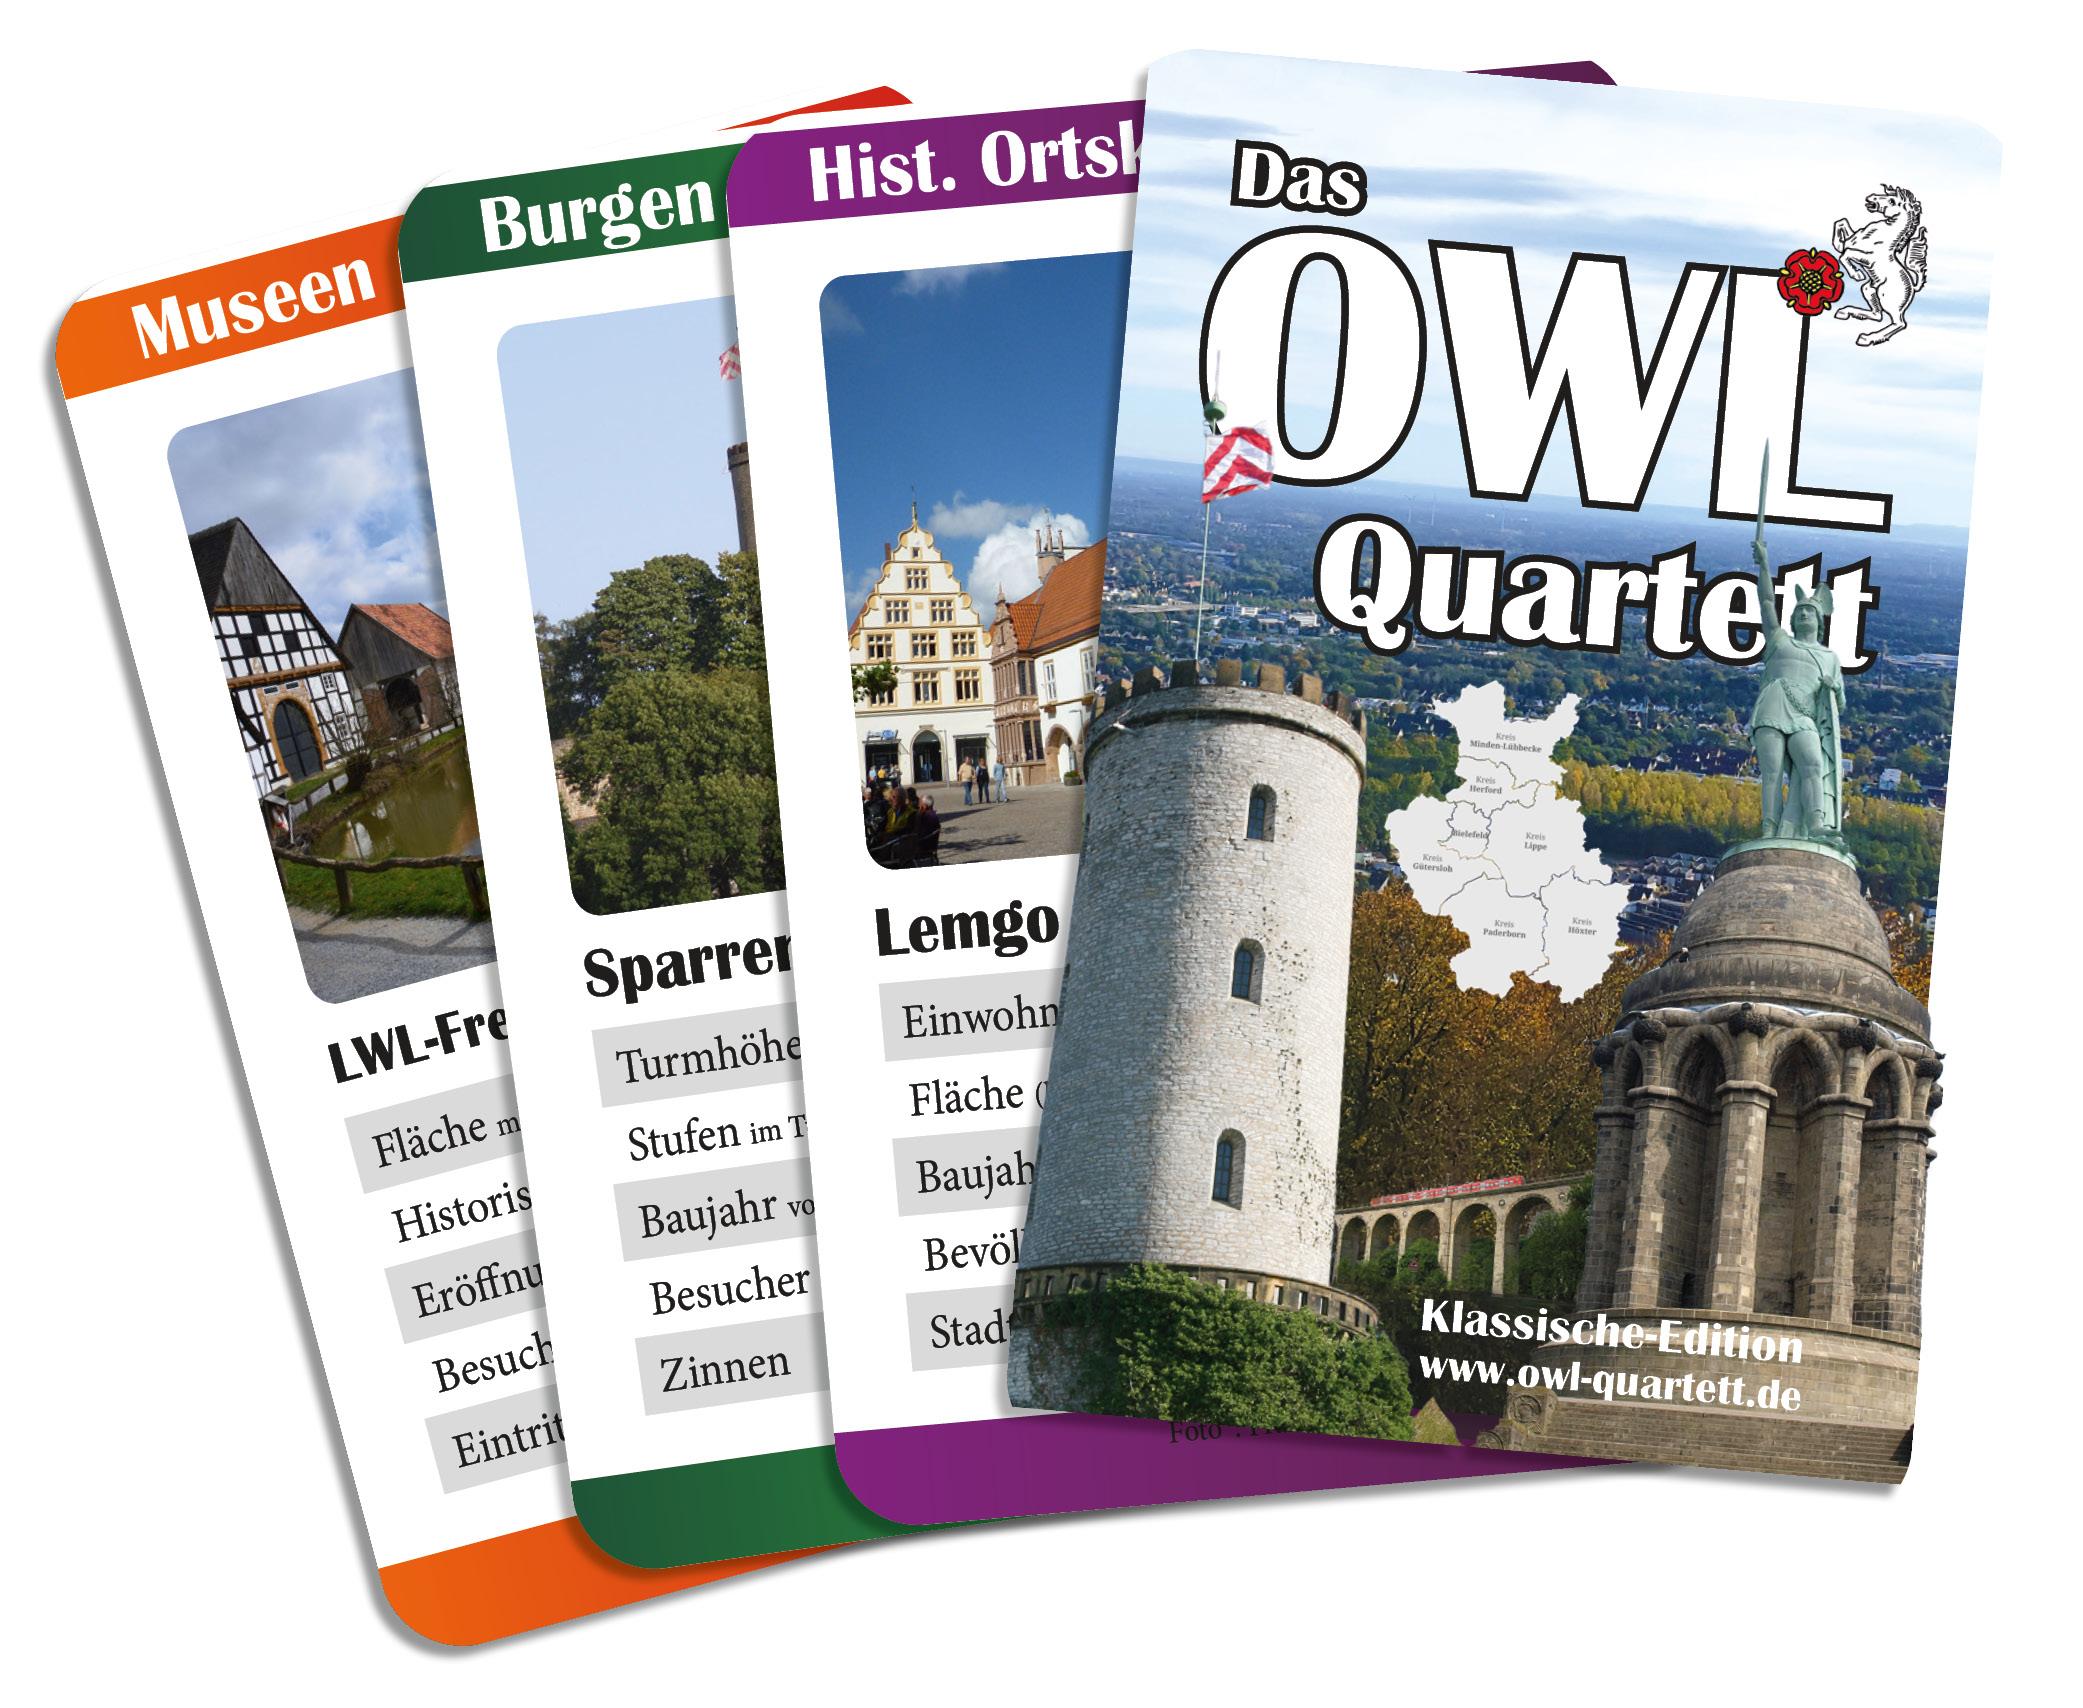 OWL-Quartett